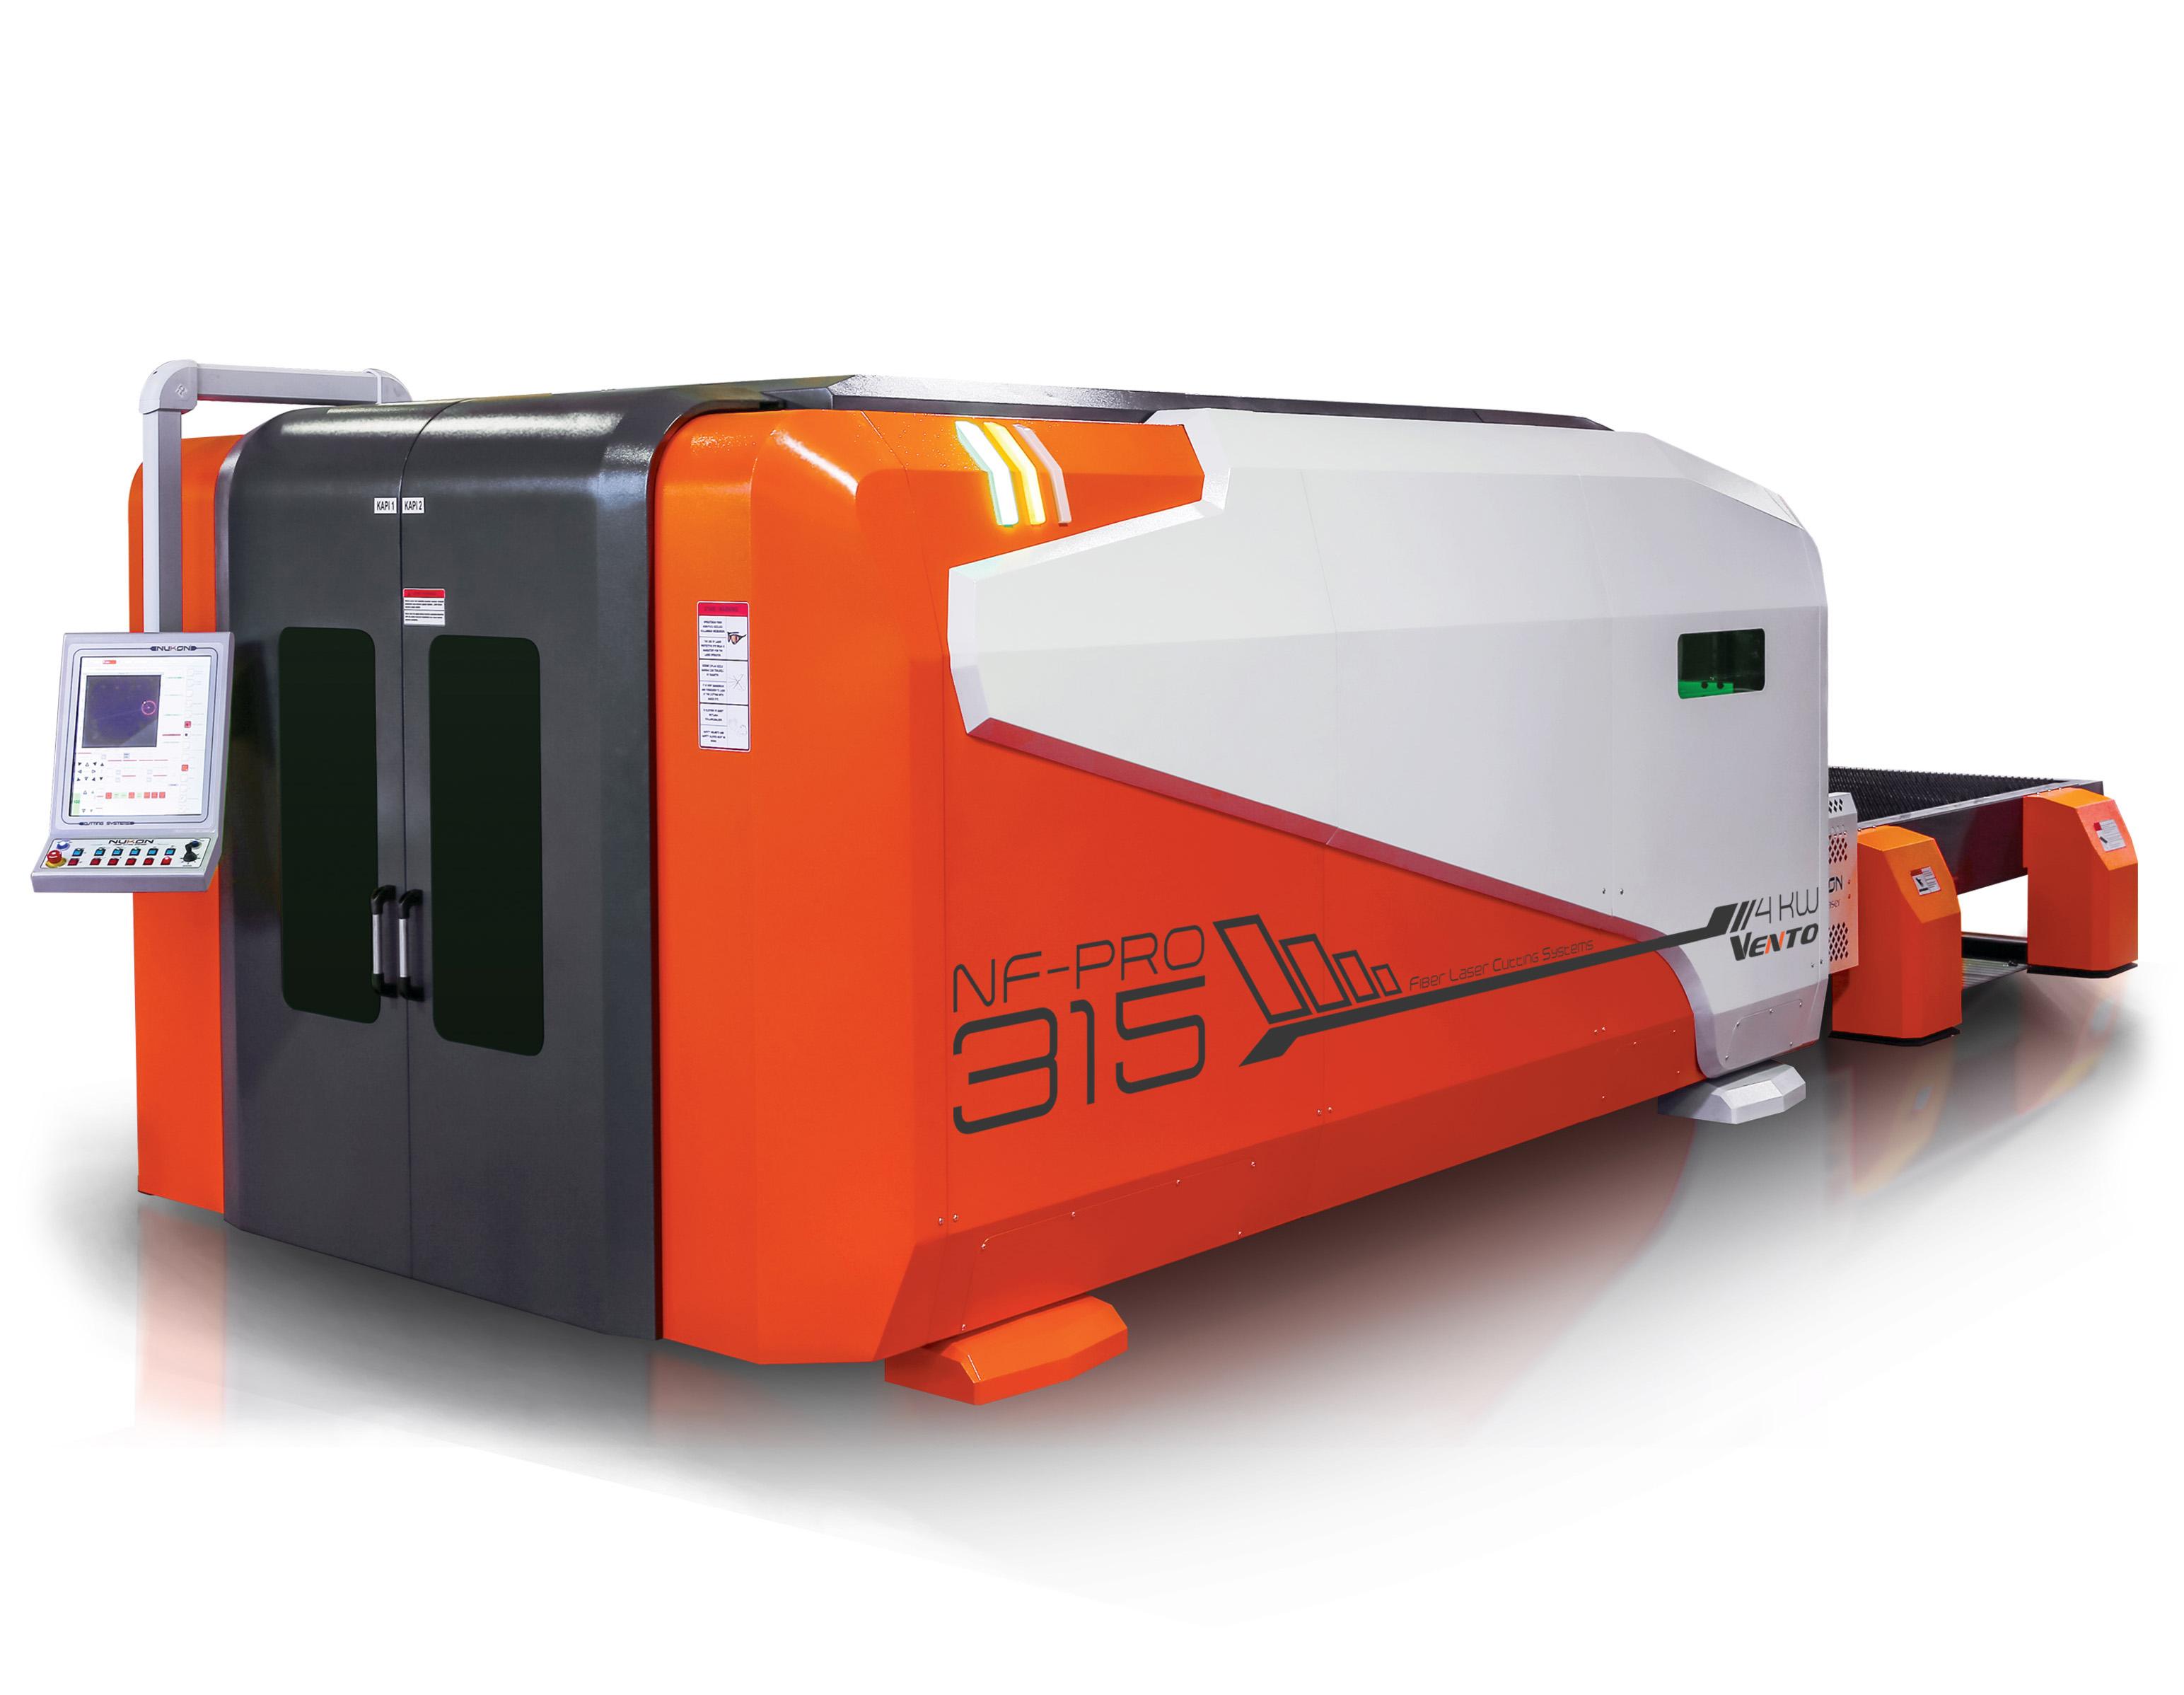 NF-Pro-315 Fiber Laser FMS